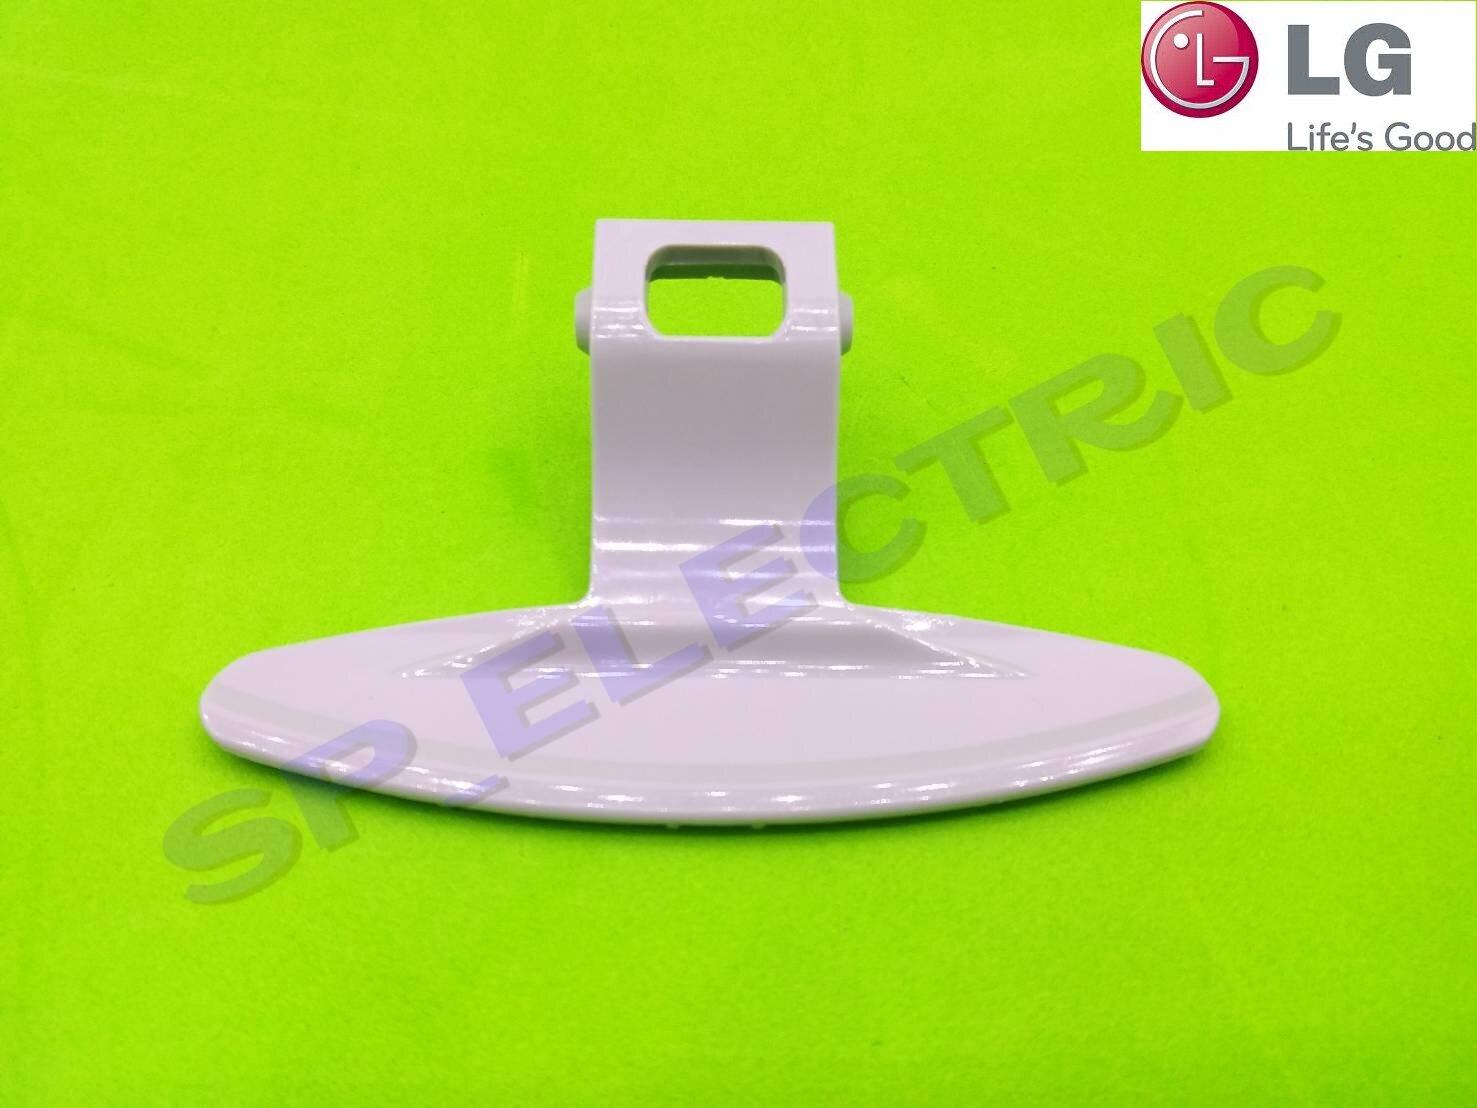 3002B มือจับประตูเครื่องซักผ้าระบบฝาหน้าแท้ Lg รุ่นWD-1007TD WD-10685QD WD-1074FB WD-12070TD WD-12570TD WD-1480FD WD-65130F WD-80130F